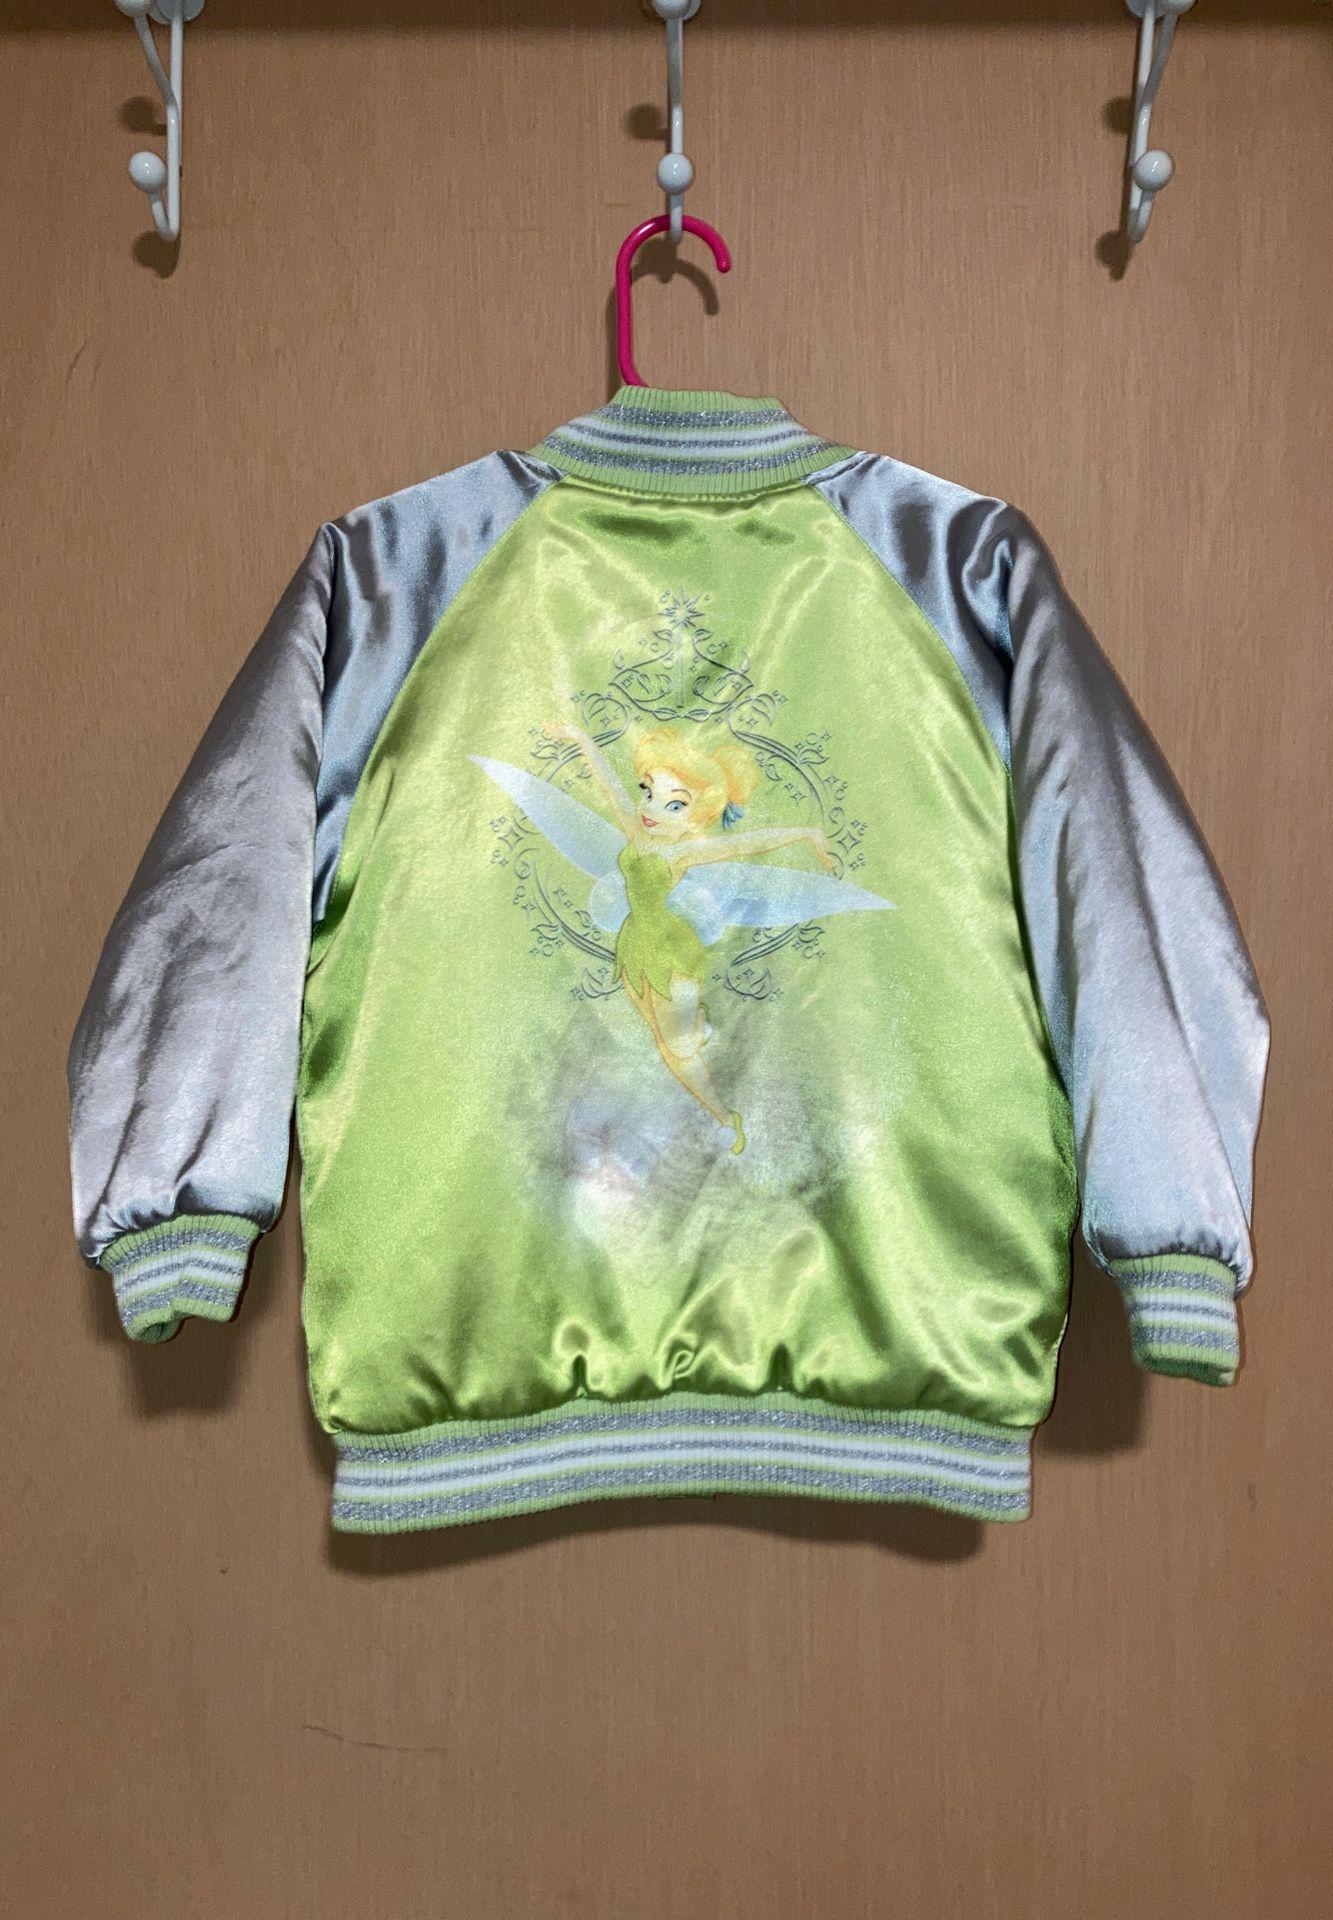 Disney TinkerBell Bomber Jacket for girls 4T